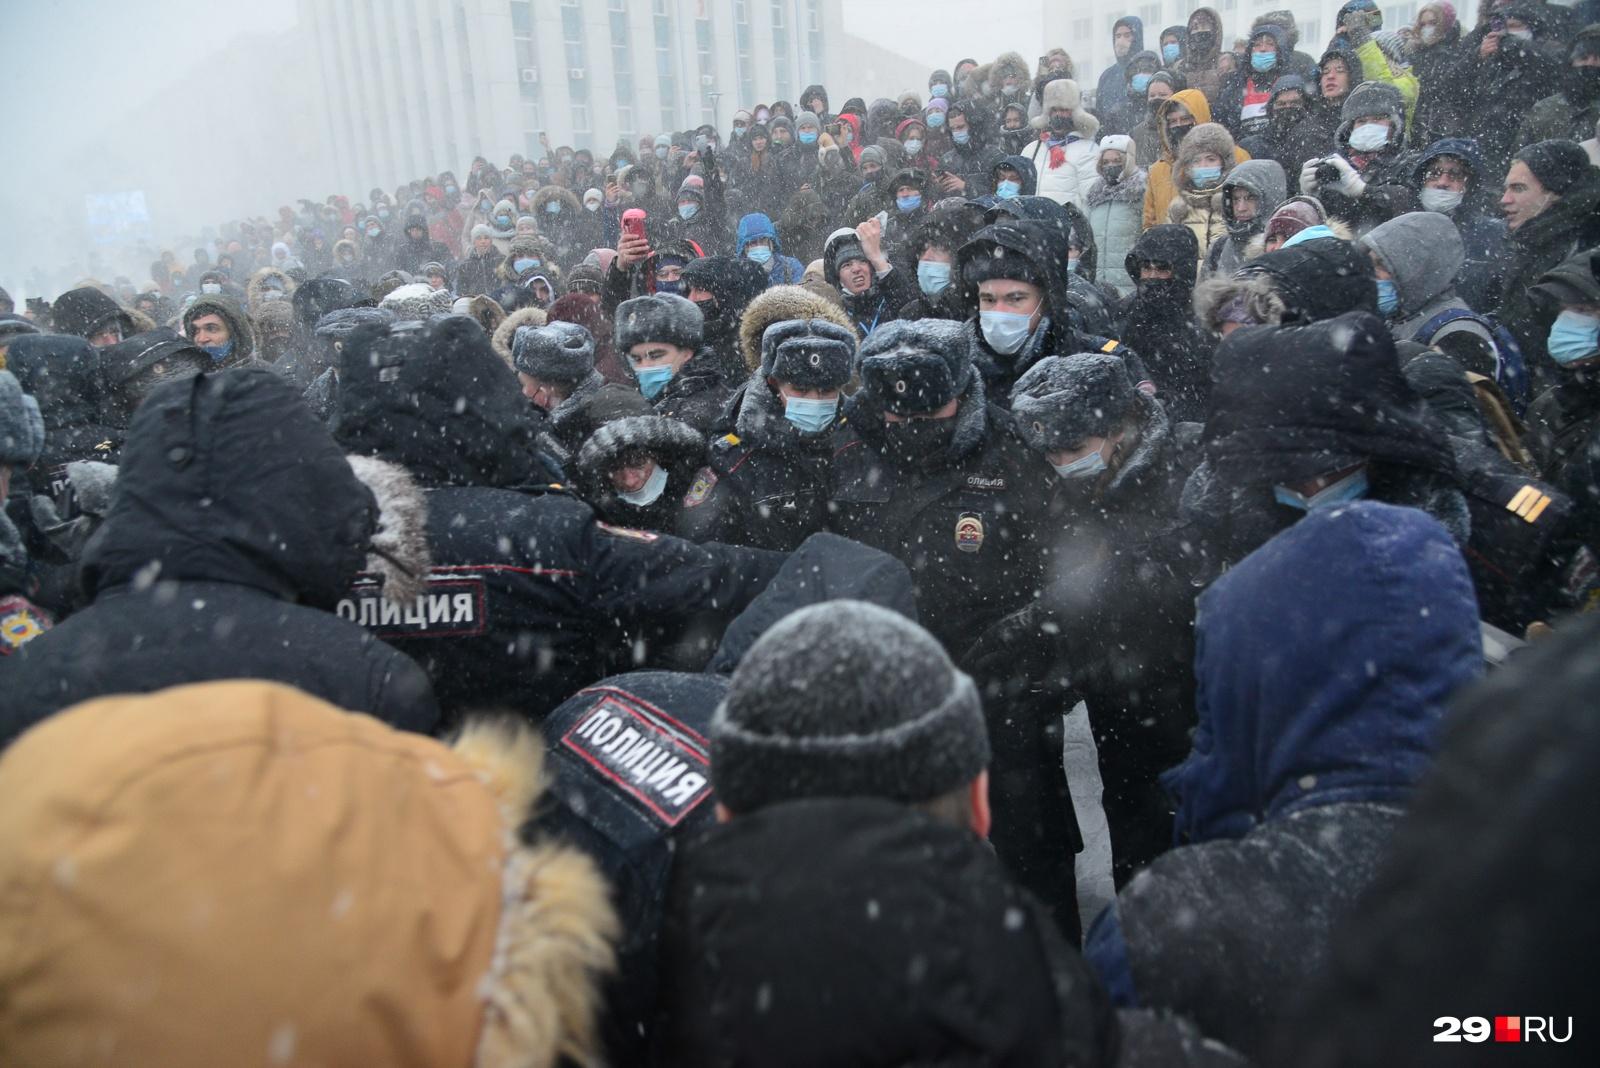 Во процессе мирной акции полиция принимала попытки задержать участников